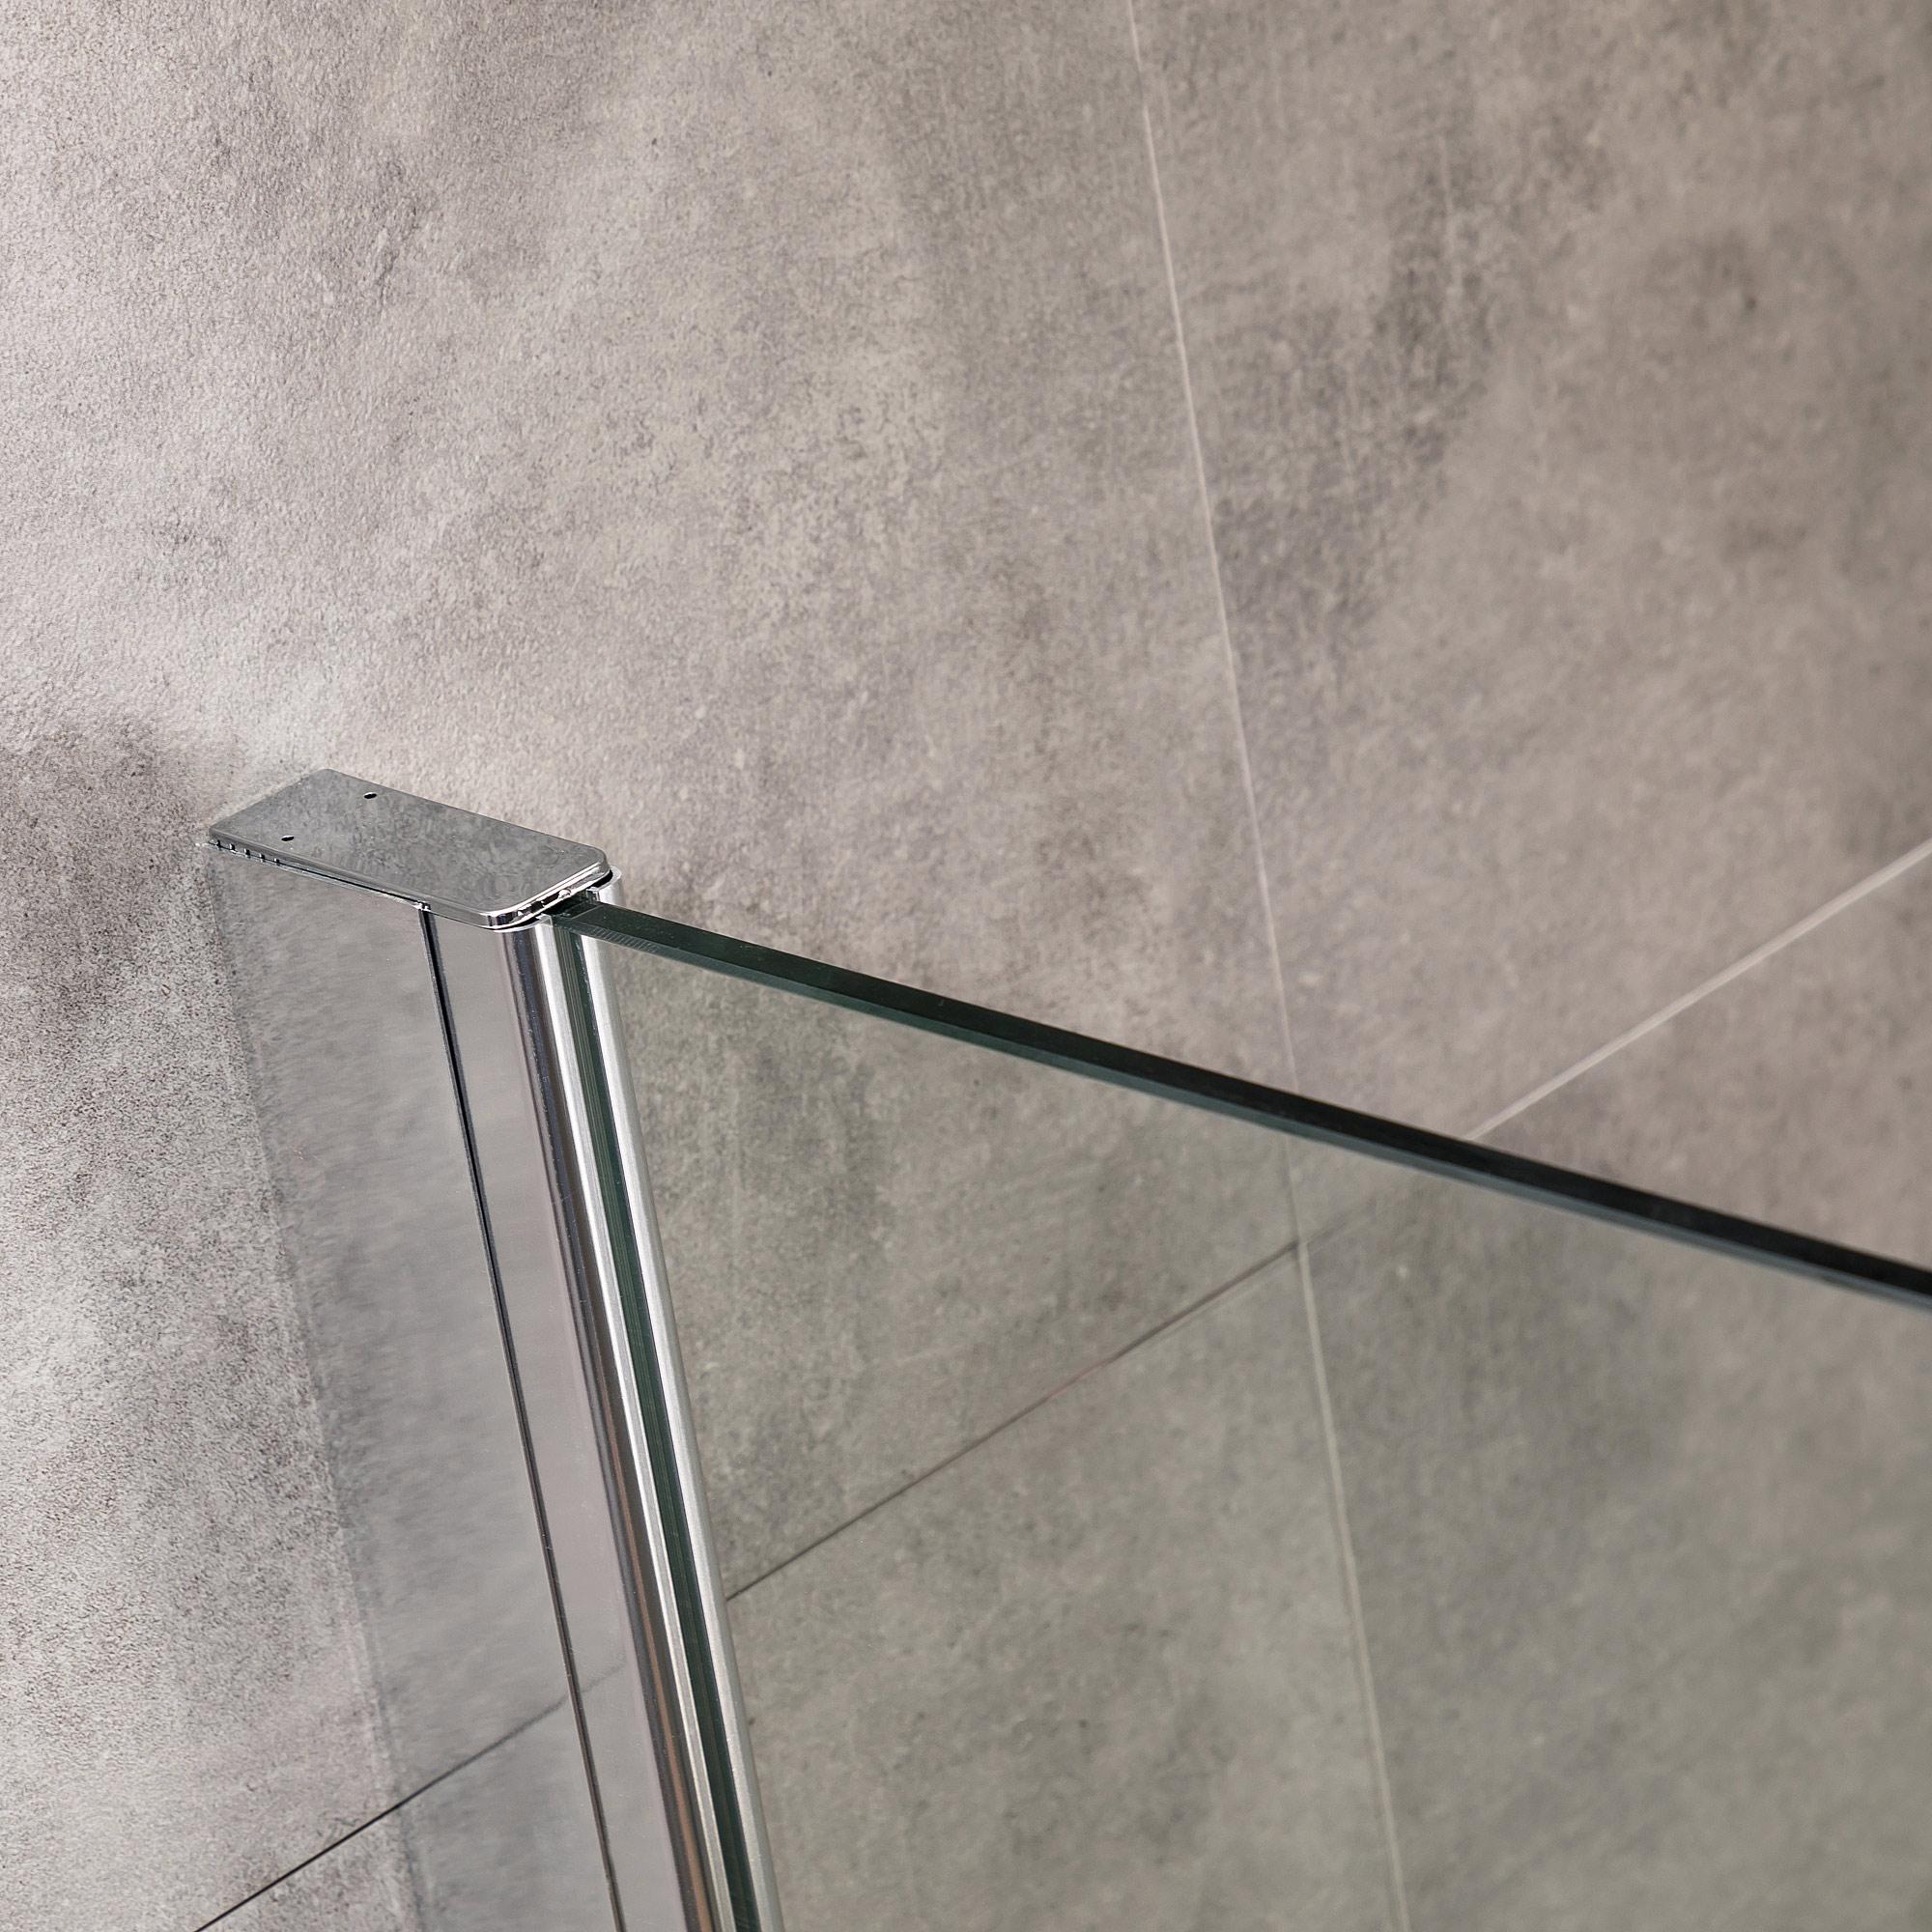 Viesta Duschwand, Duschtrennwand DW120 - Duschabtrennung aus ESG Sicherheitsglas mit Nano-Beschichtung und Montagezubehör 120x195 cm